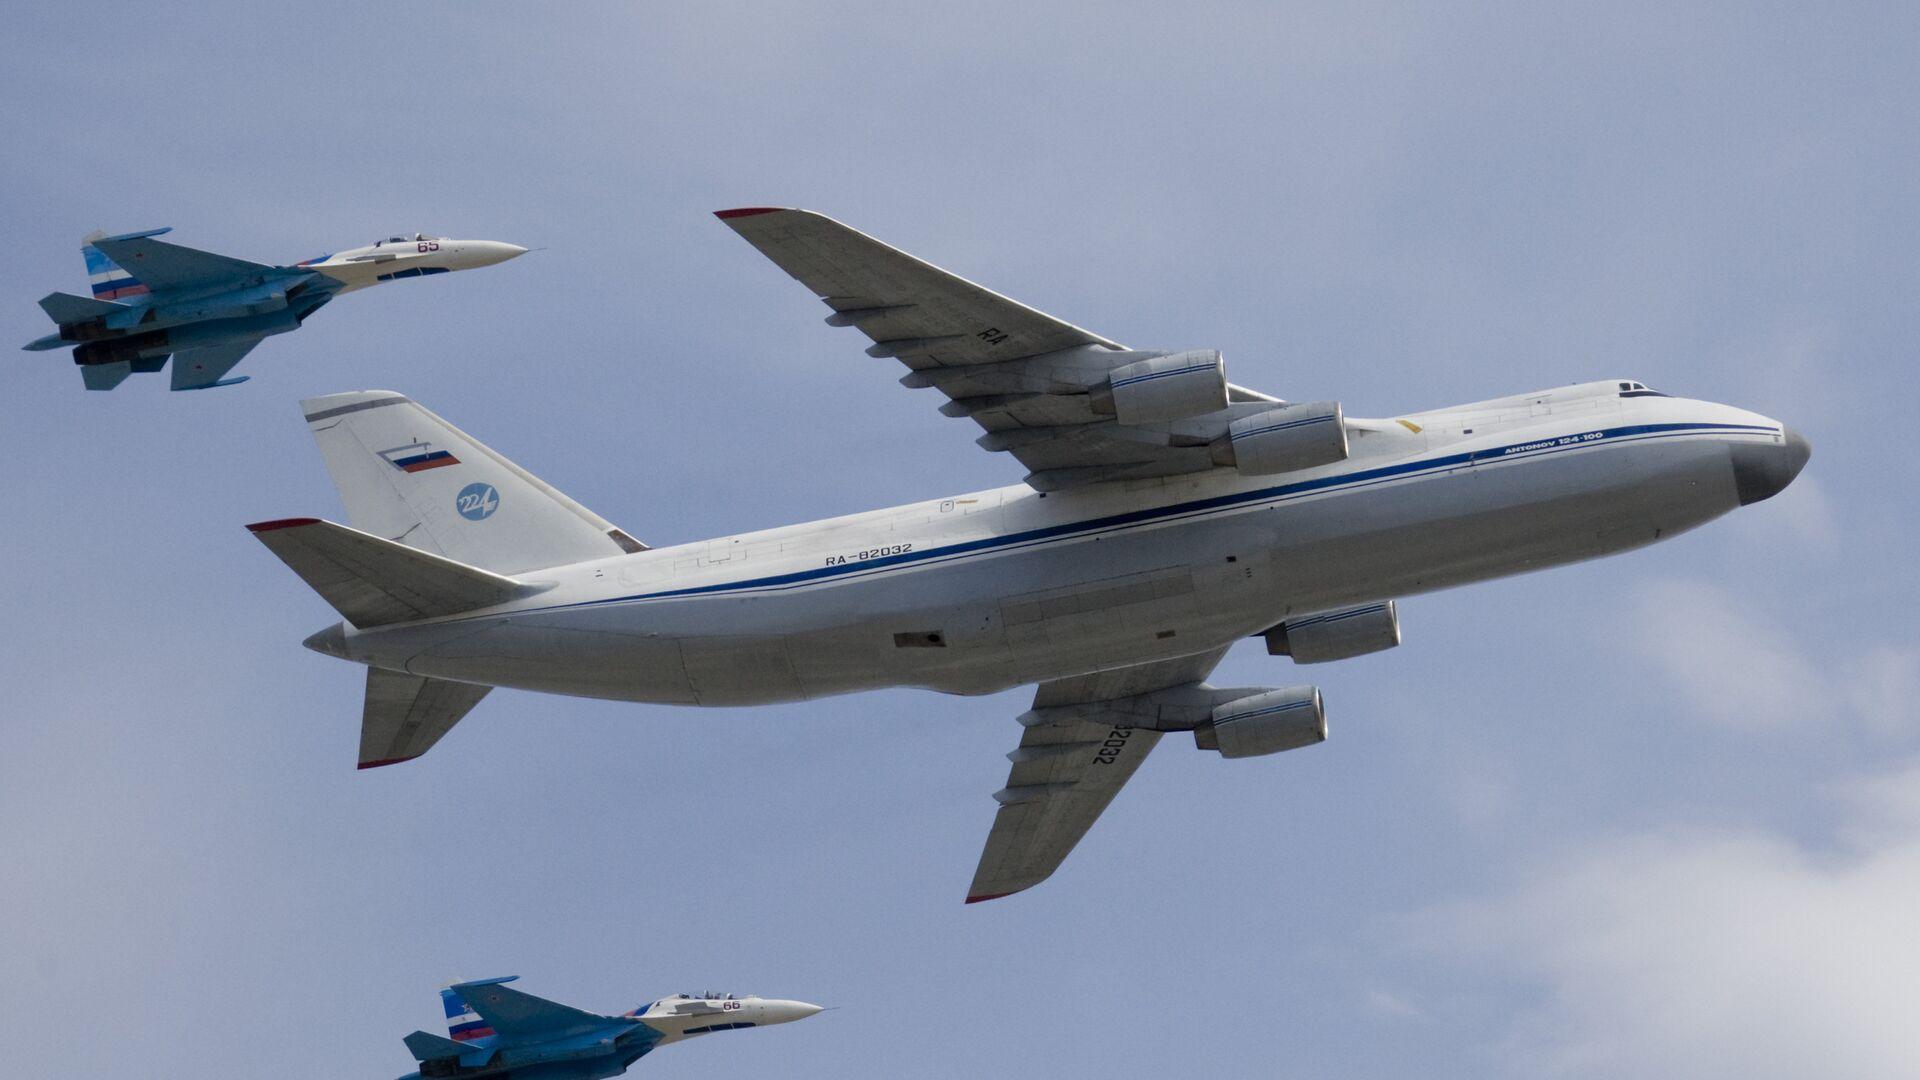 Стратегический военно-транспортный самолет Ан-124 Руслан в сопровождении двух истребителей Су-27 - РИА Новости, 1920, 30.08.2019